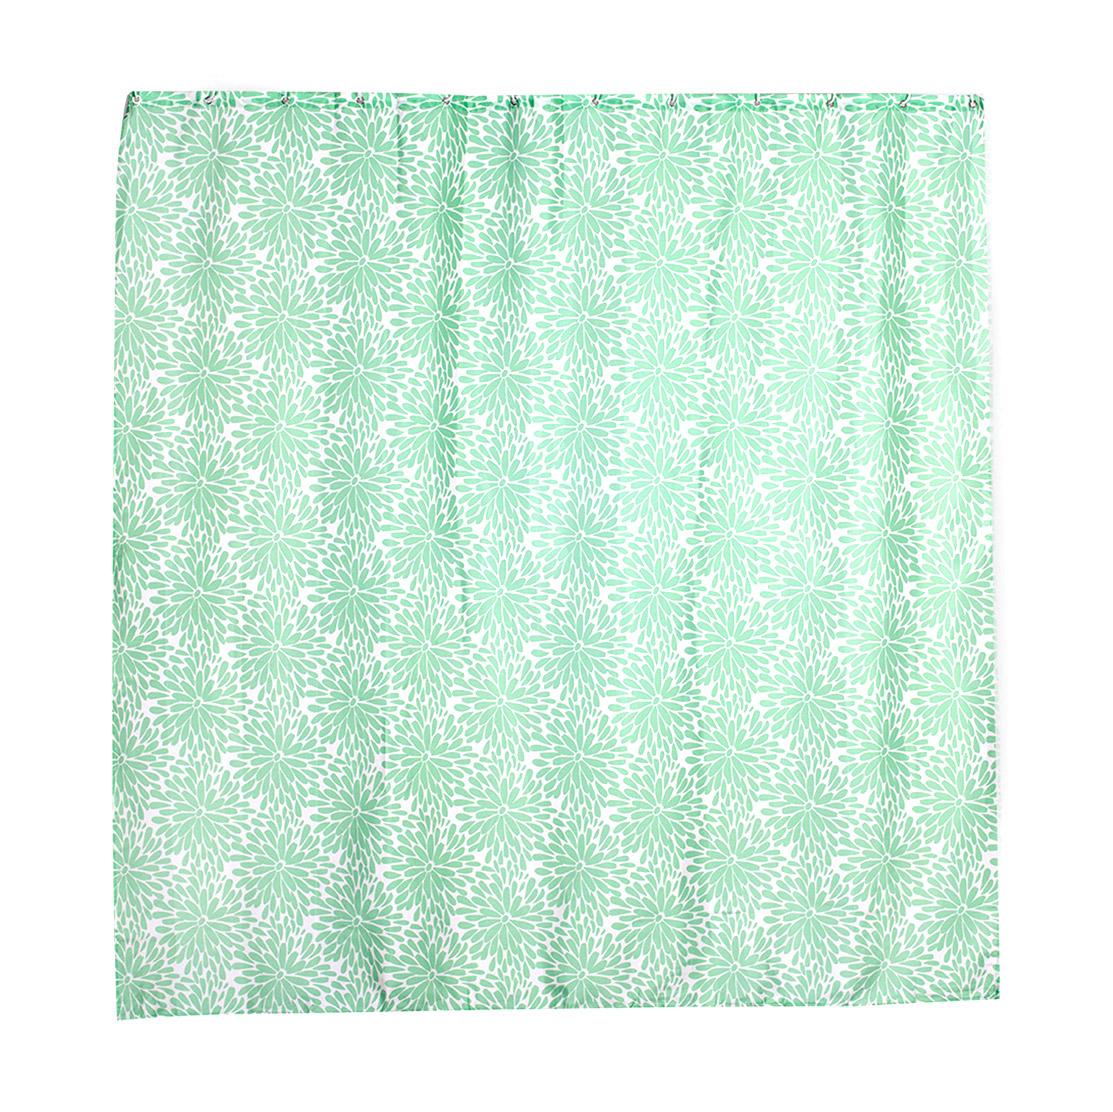 Купить Занавеска штора для ванной комнаты Verran, шторы, зеленый, полиэстер